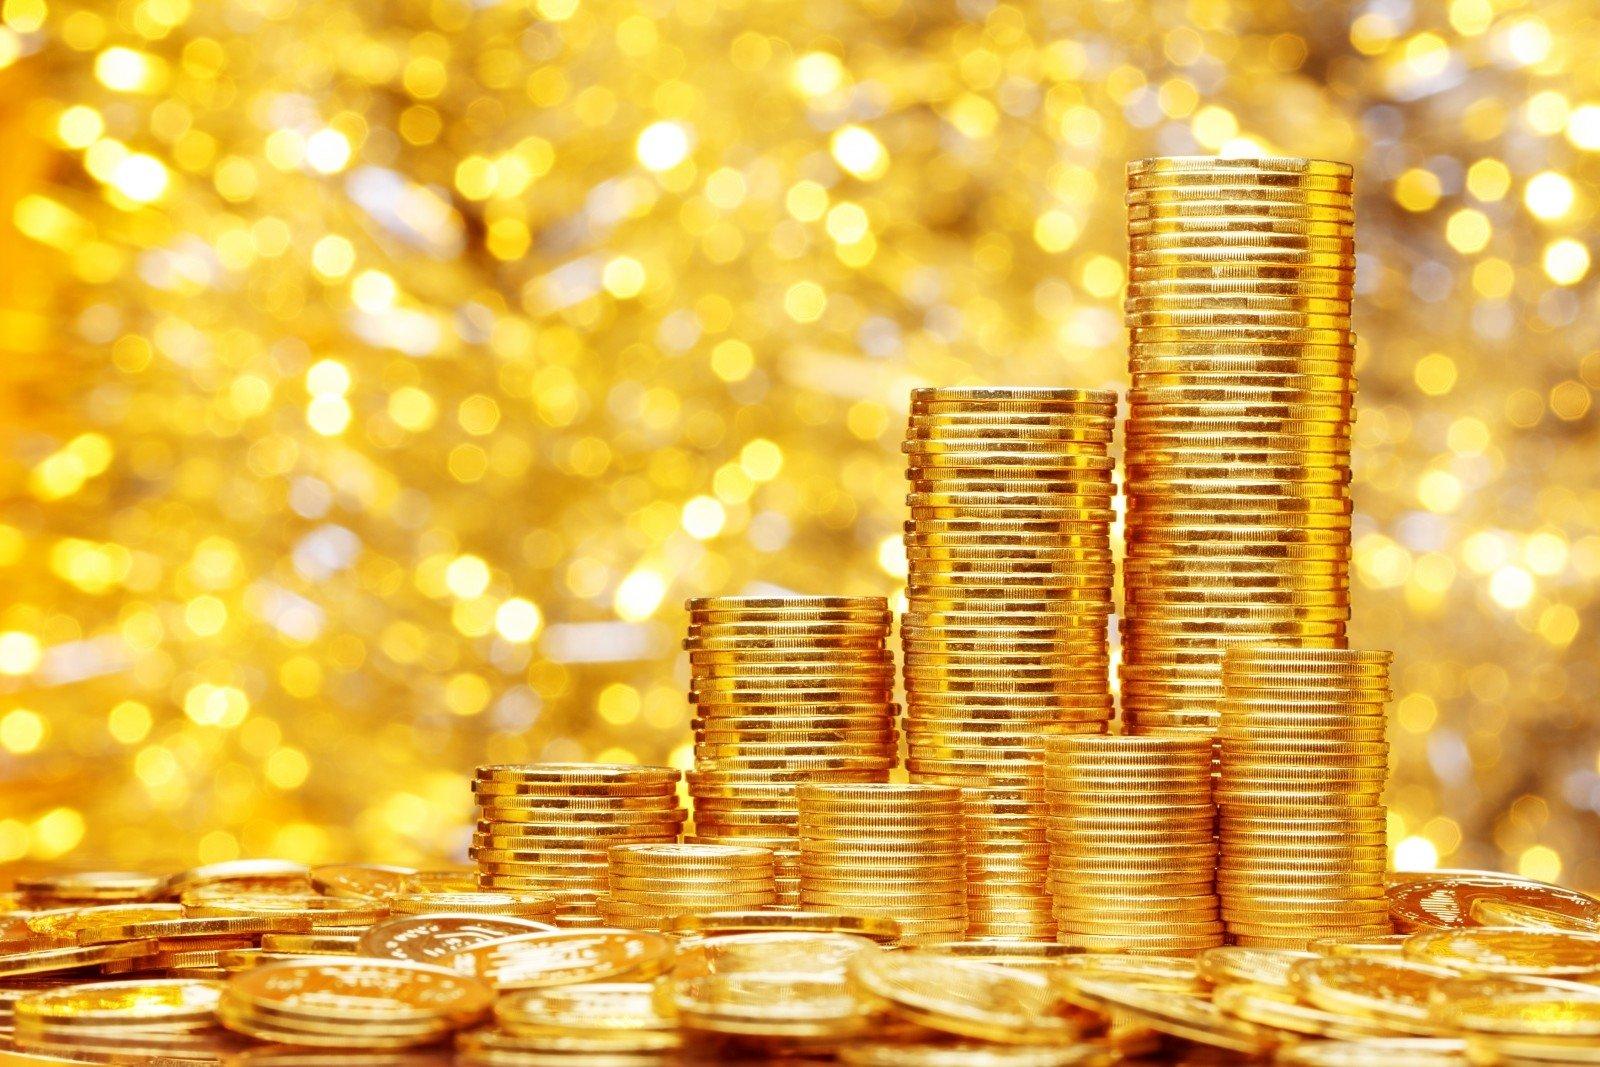 prekybos sistemos auksas namų darbas ir sauga darbe